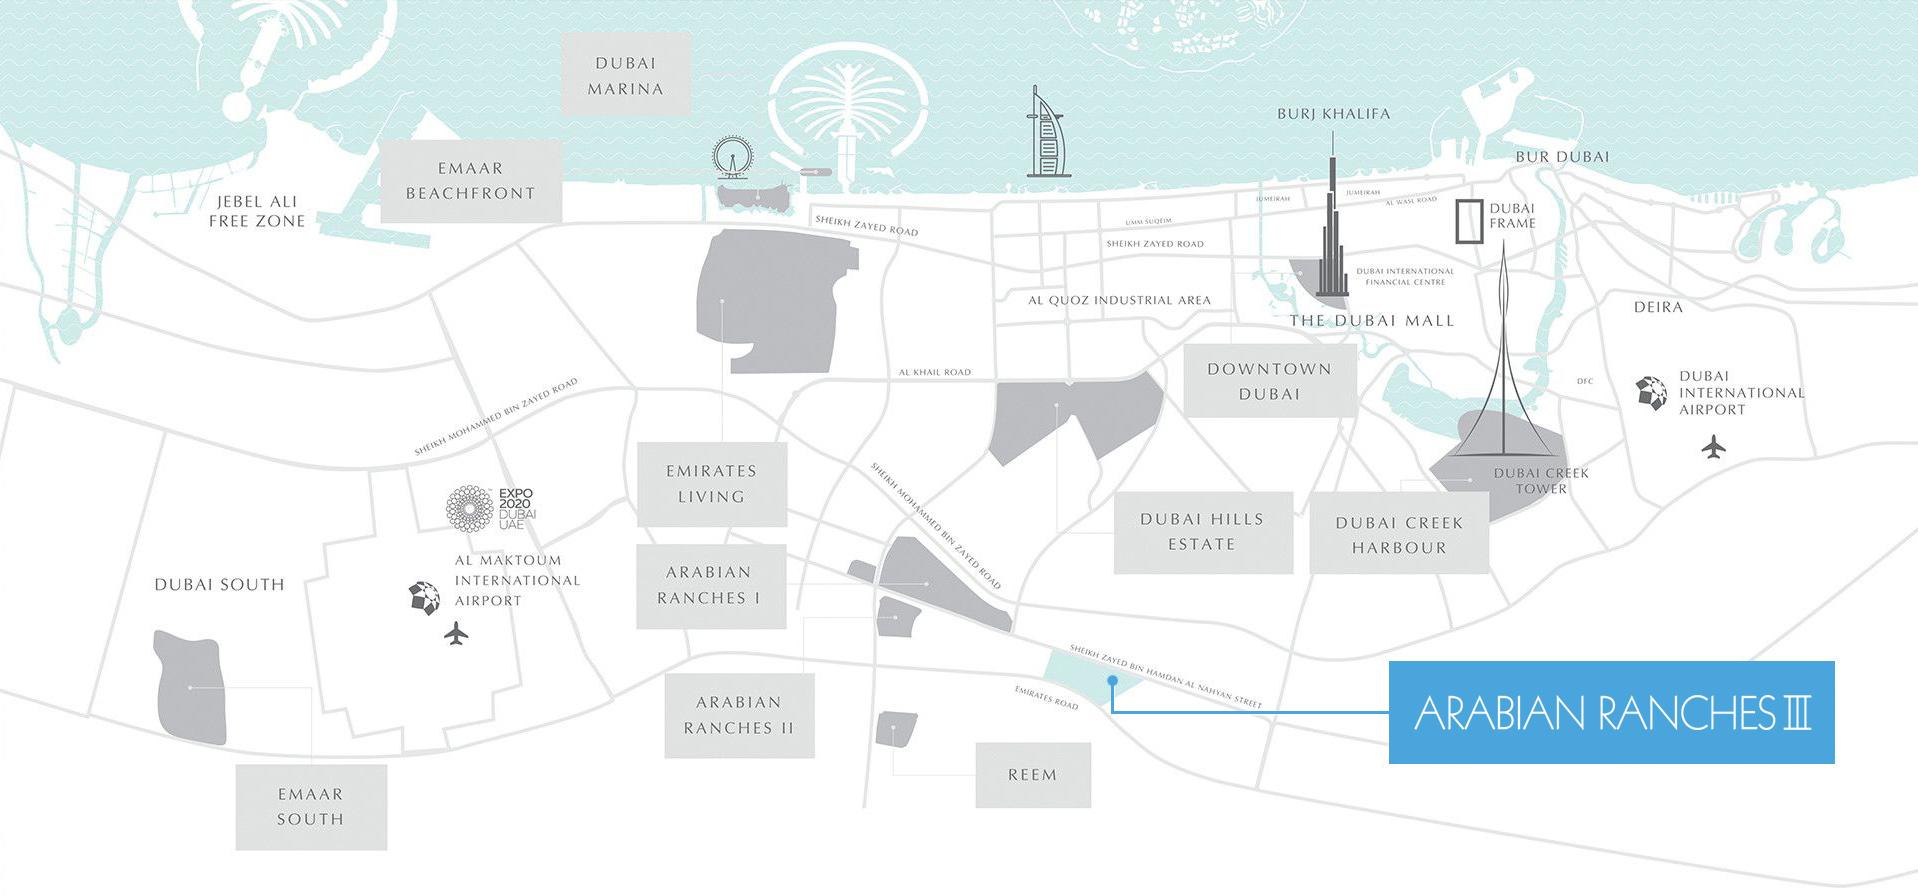 إعمار سبرينج تاون هاوس. في المرابع العربية 3 - منازل من نوع تاون هاوس للبيع في دبي